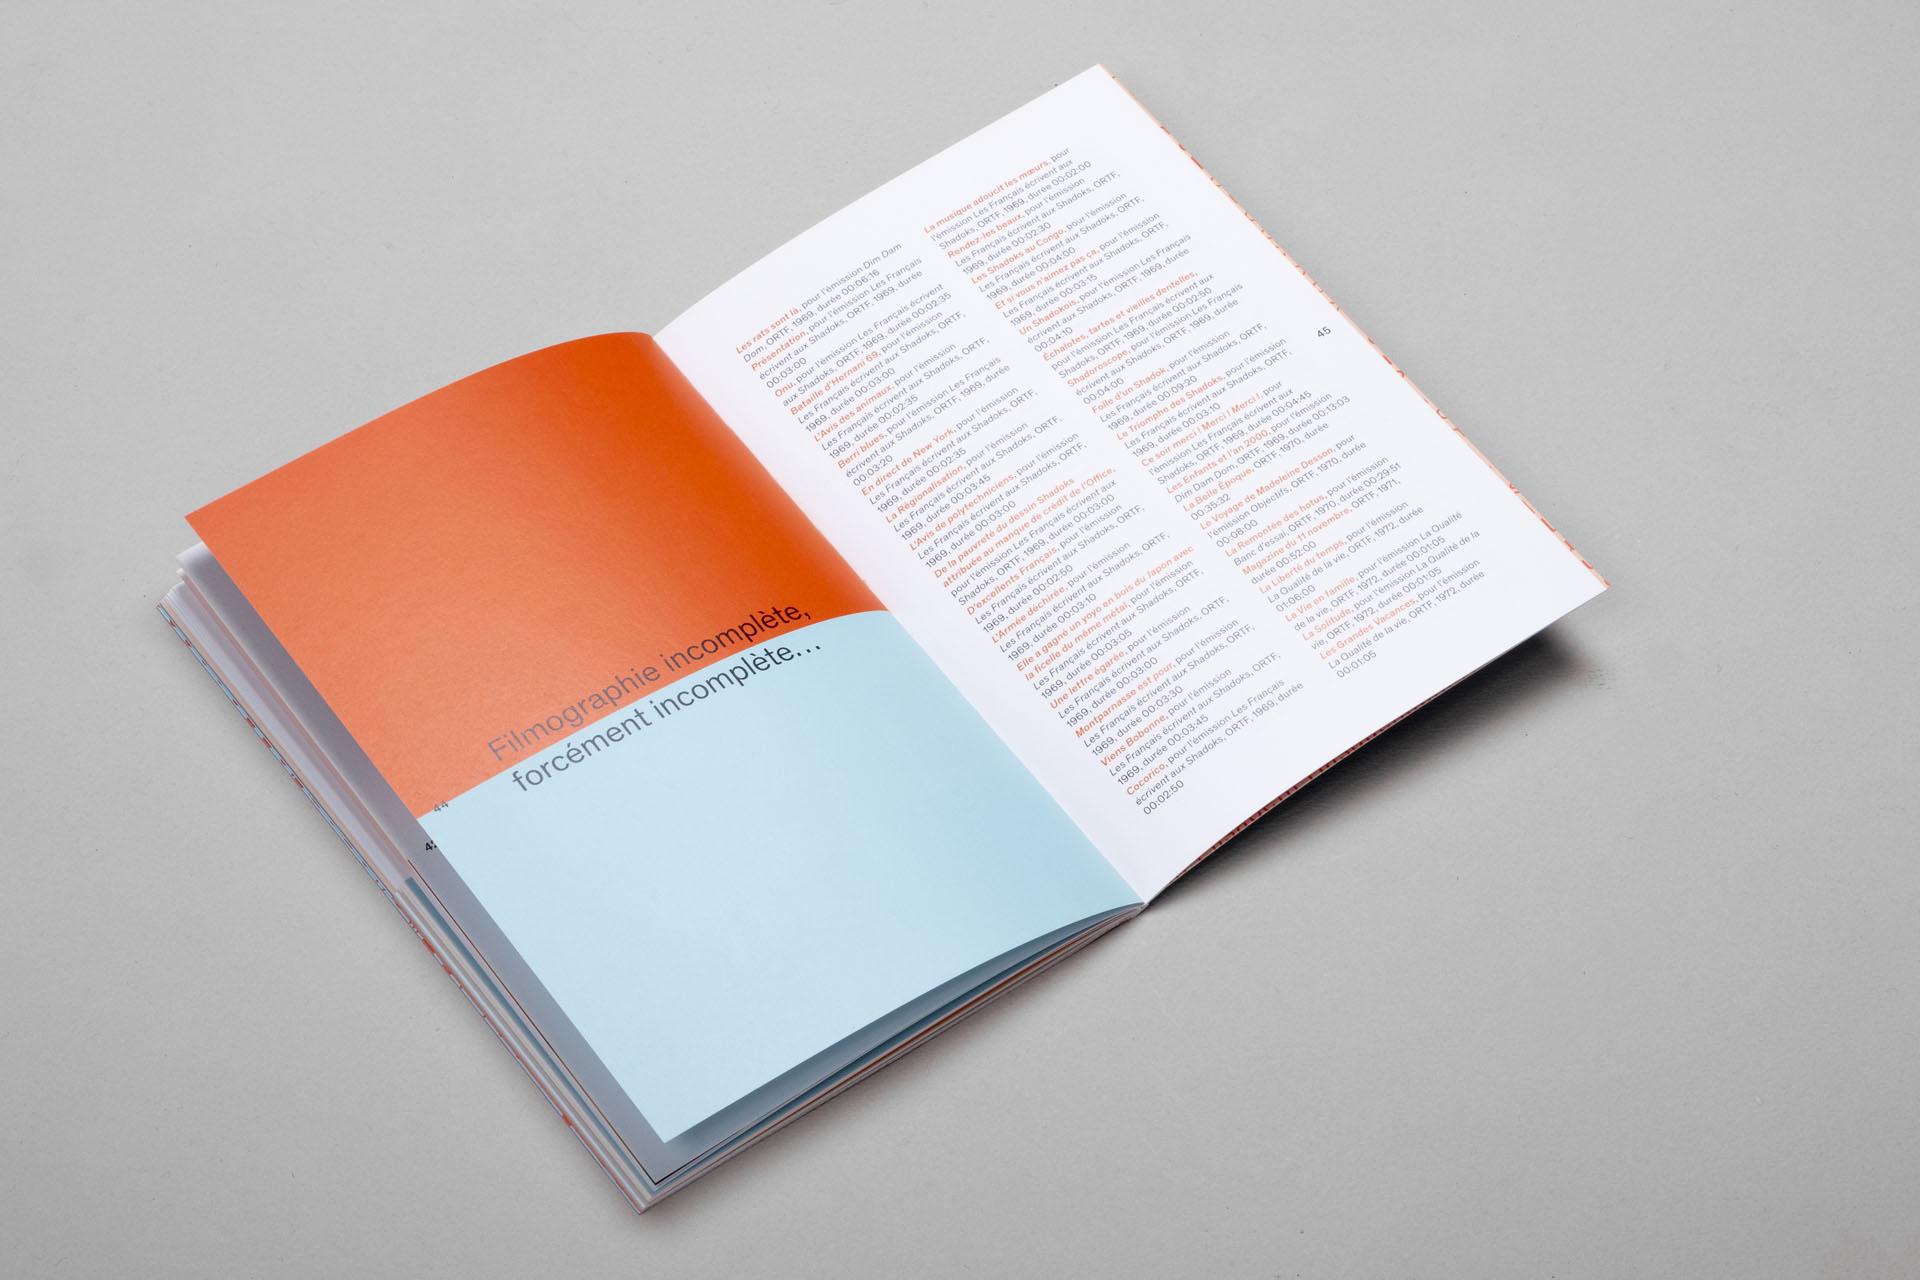 collection-du-parc-édition-bernard-chauveau-studio-plastac-graphisme-29